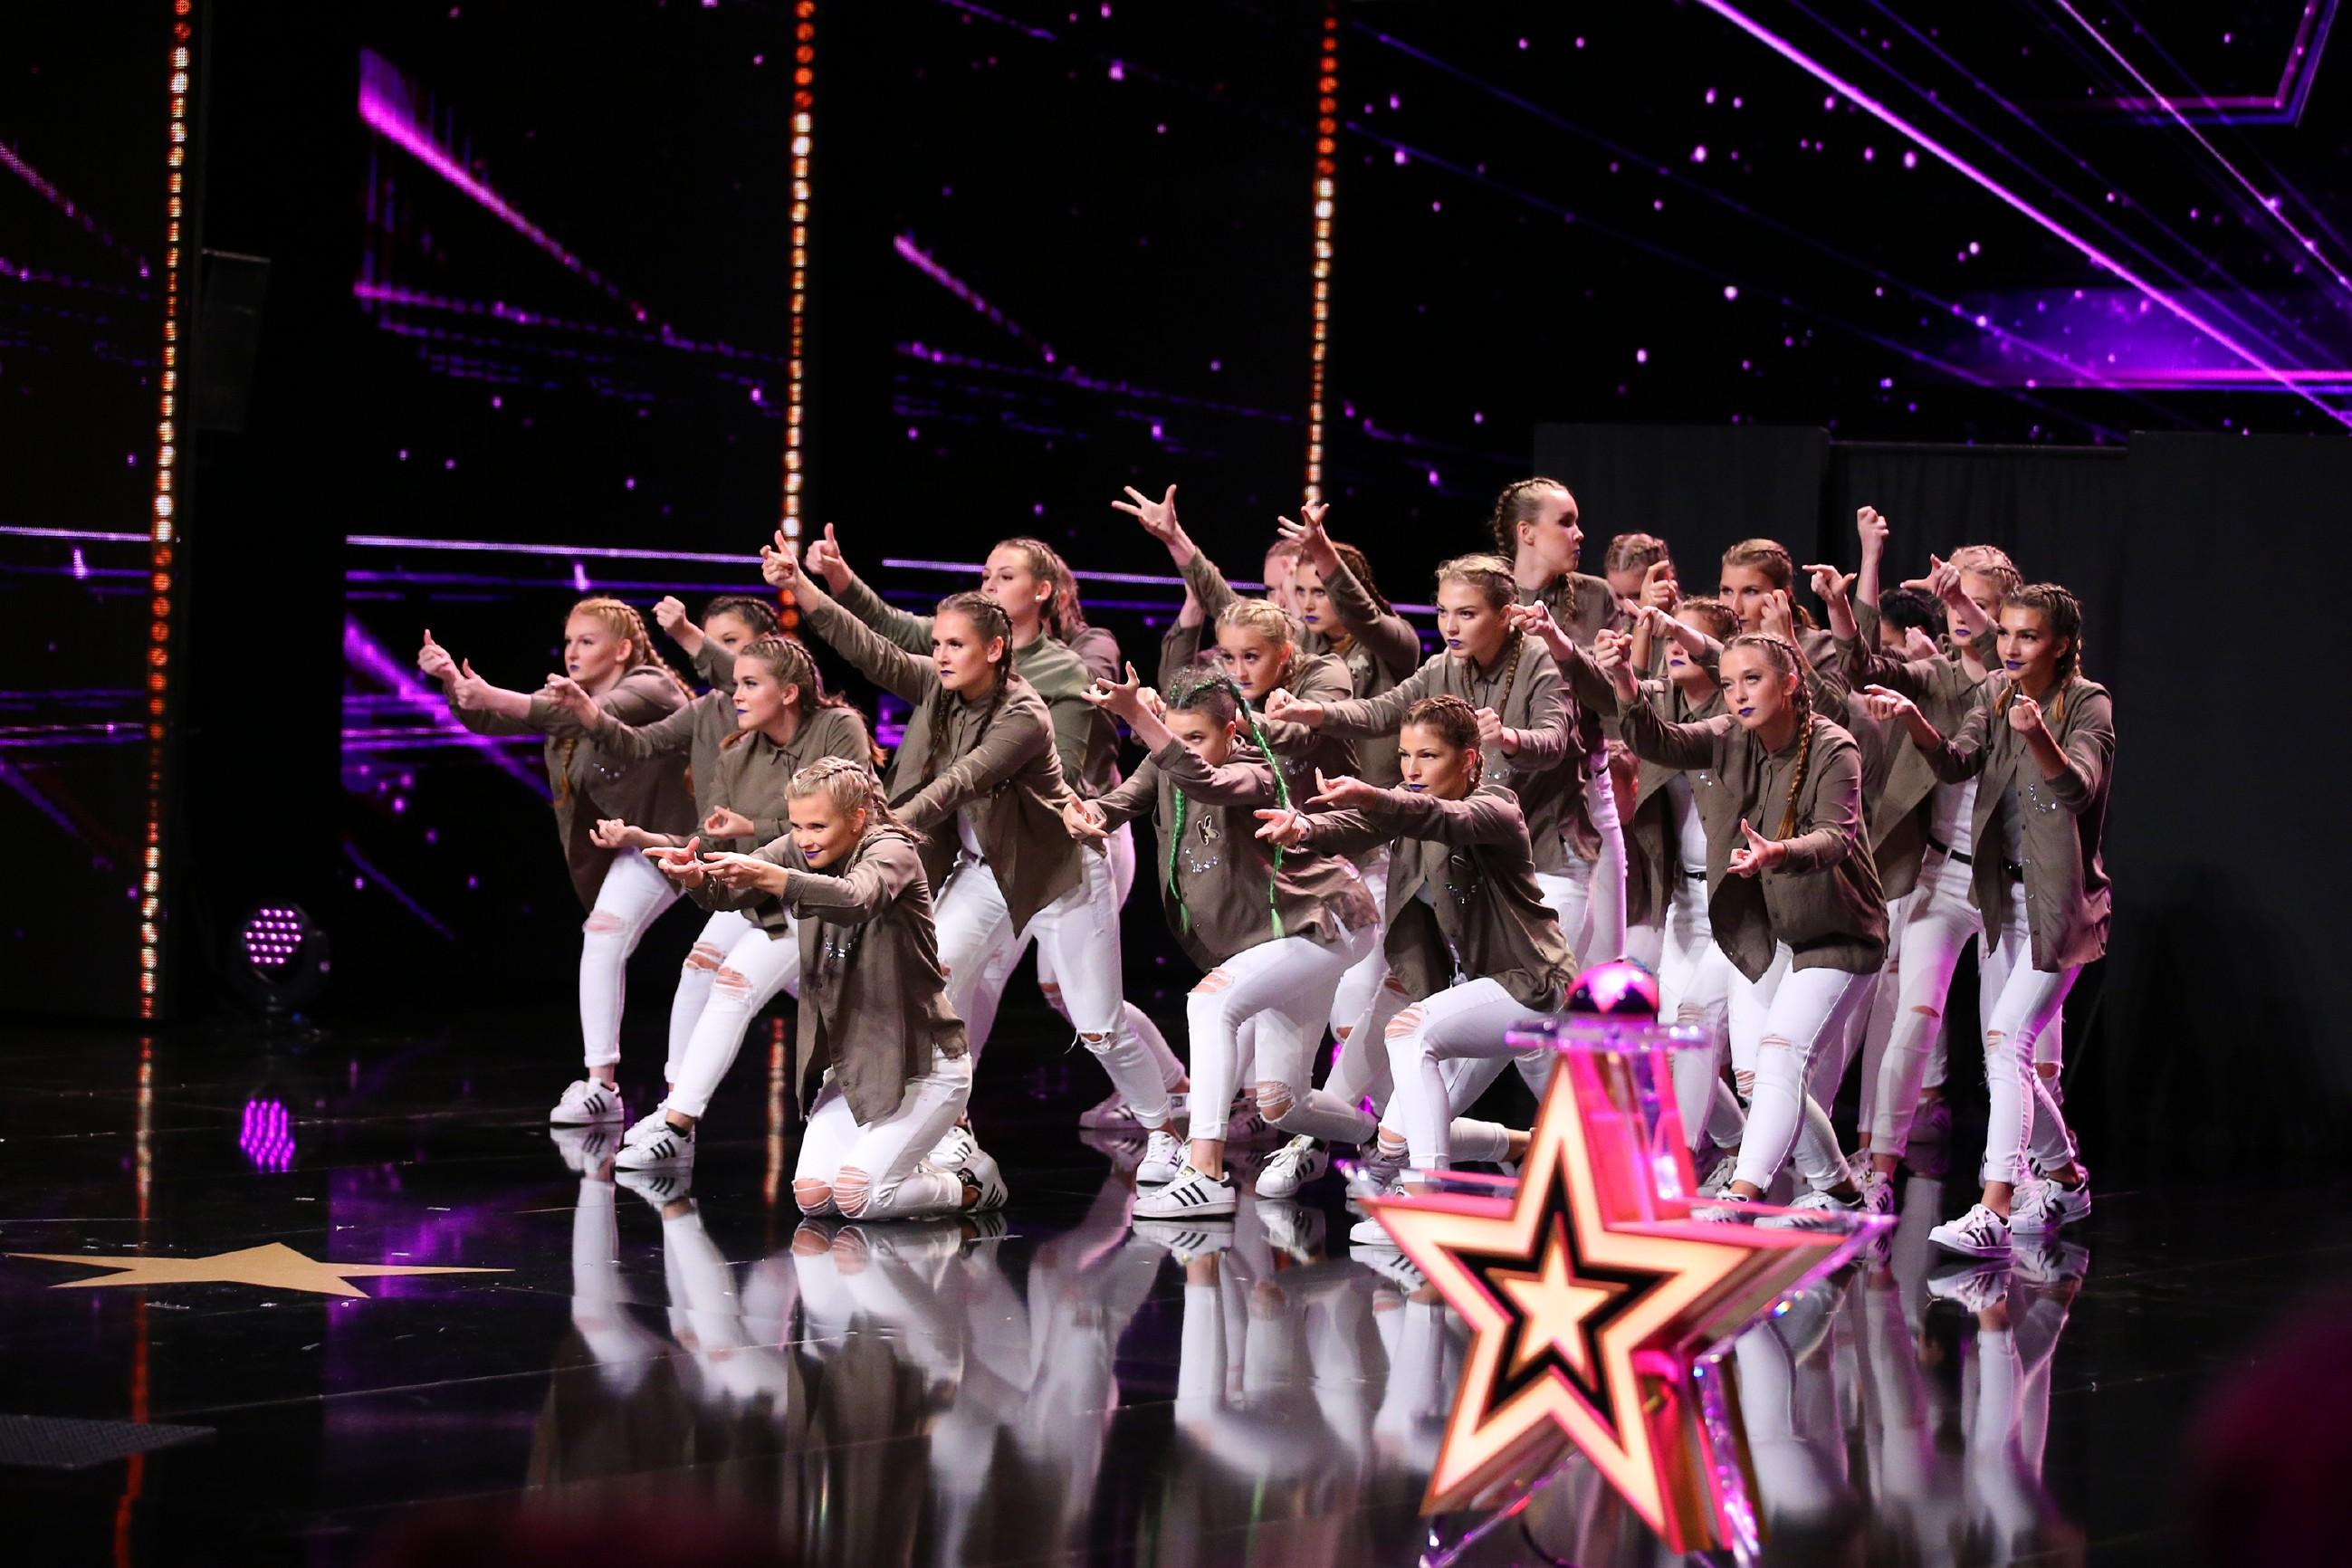 Das Supertalent 2016 Folge 6 - Kim Michelle Striepens und die IncreDible Crew